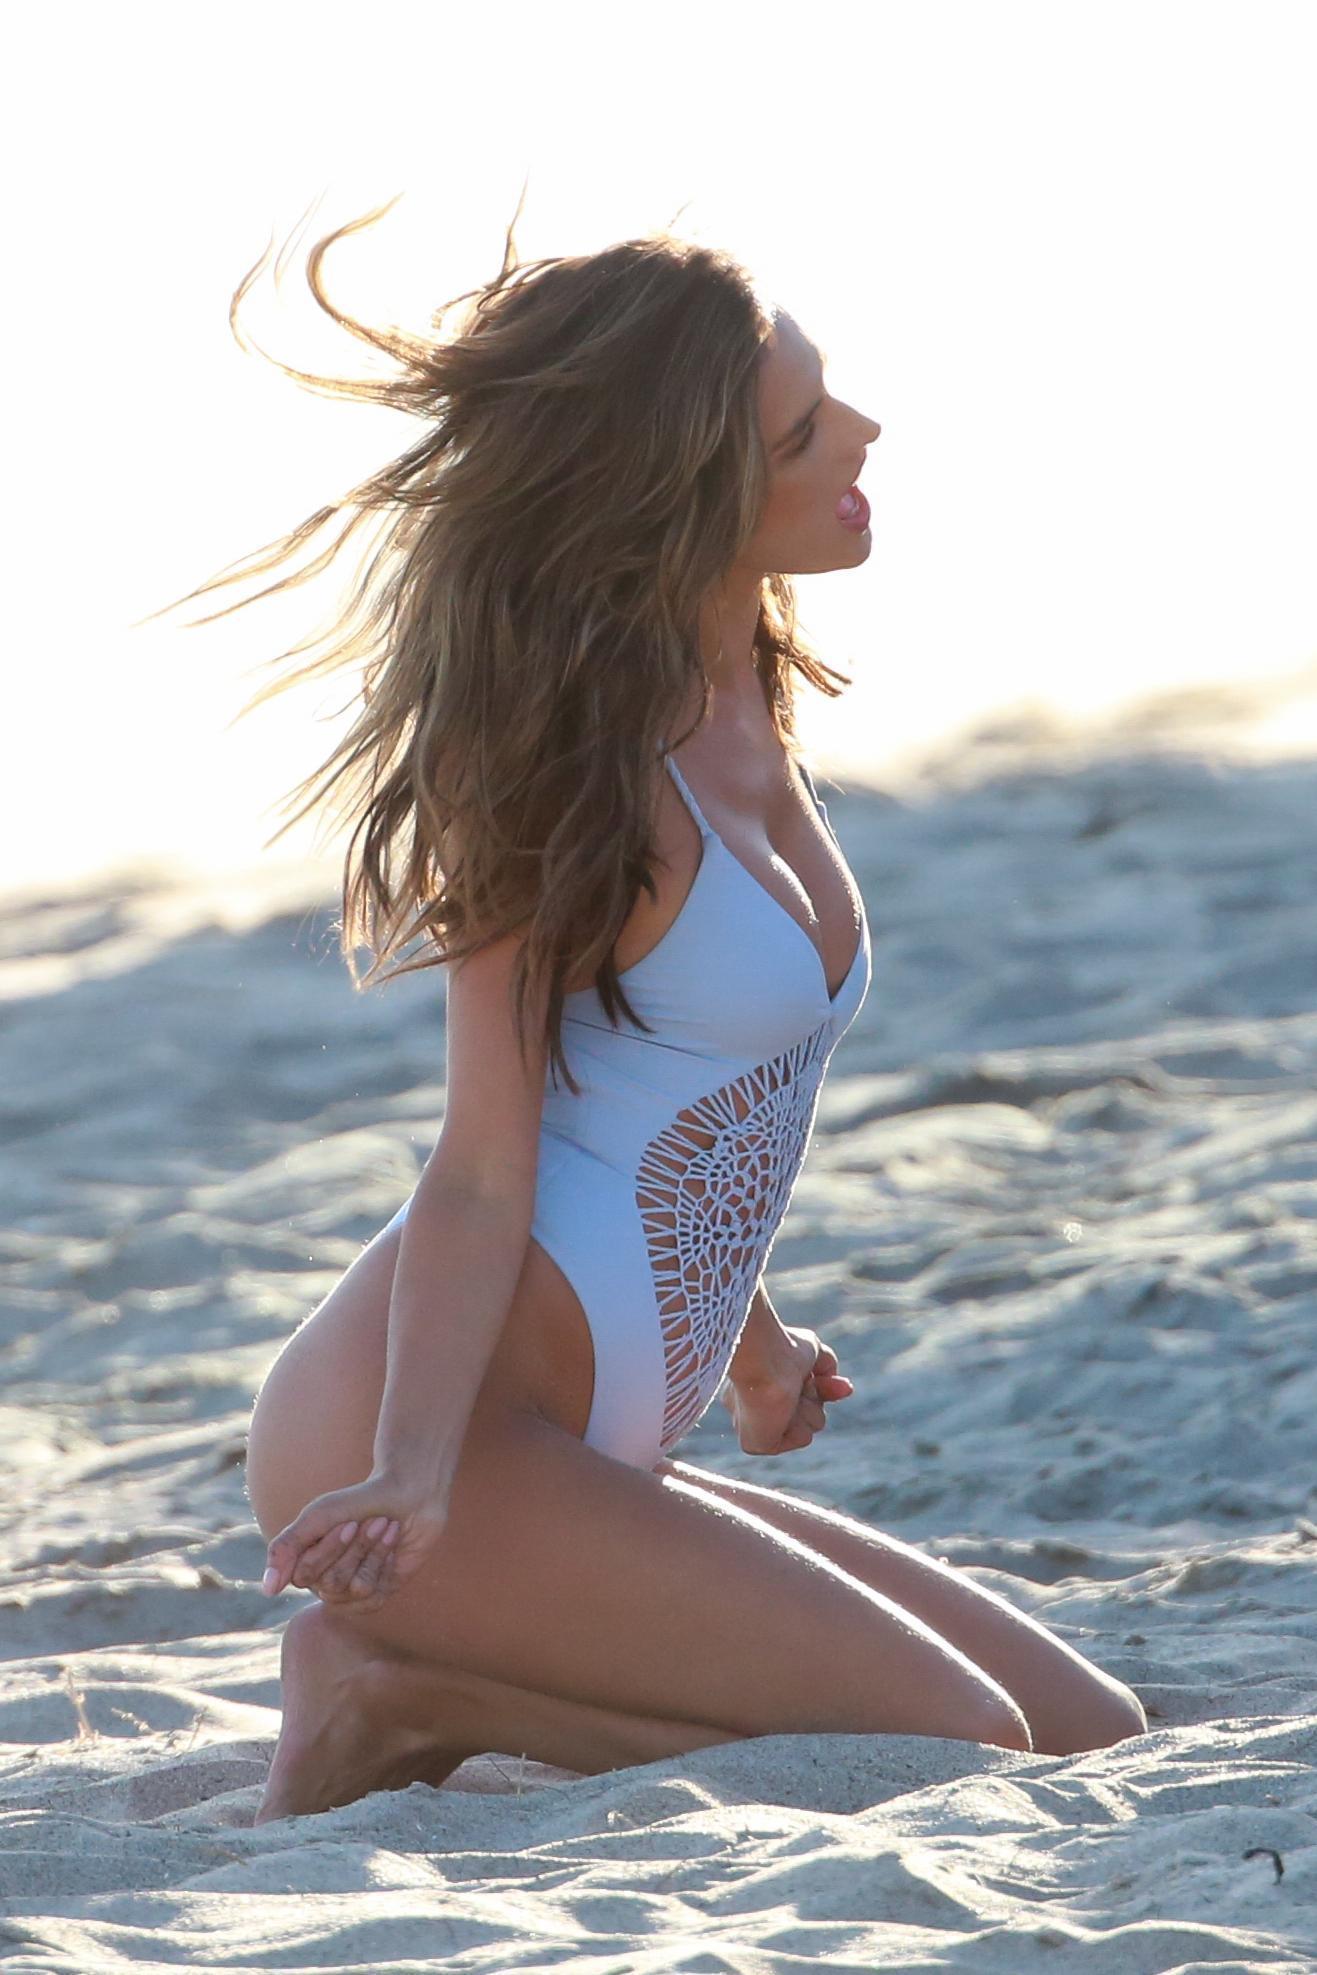 Sexy Alessandra Ambrosio PhotoShoot Pictures - Sexy Actress Pictures | Hot Actress Pictures - ActressSnaps.com